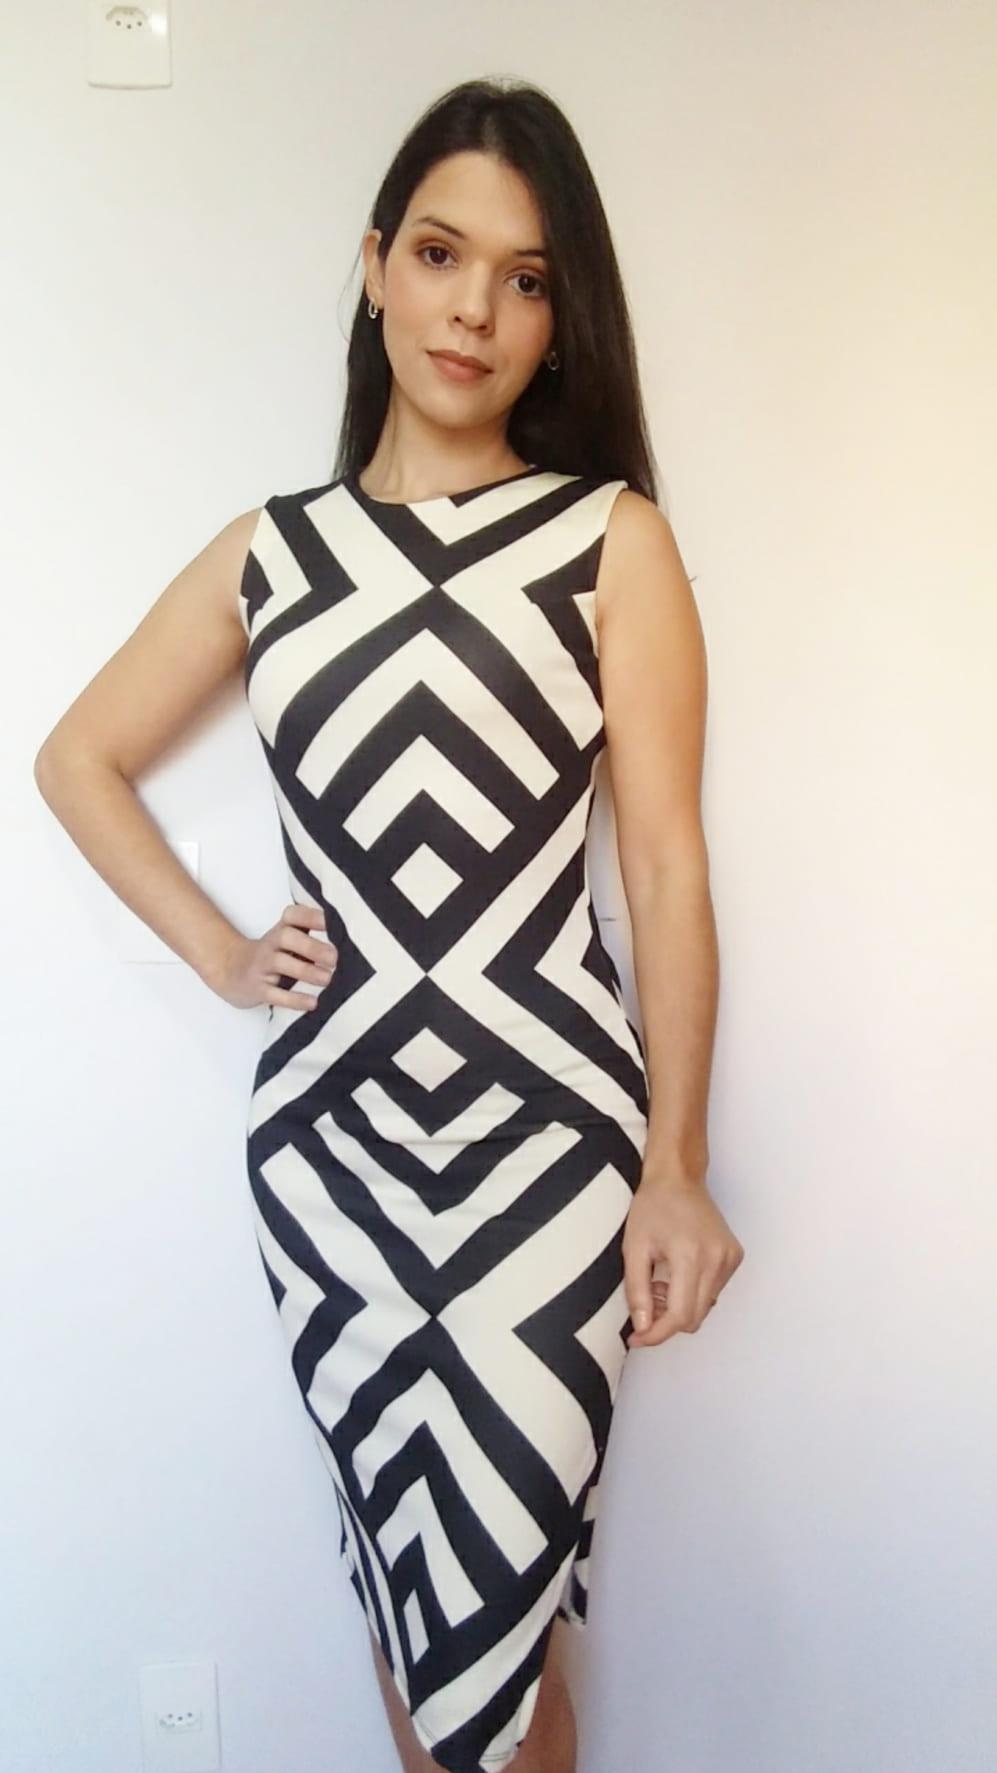 Vestido midi estampa geométrica